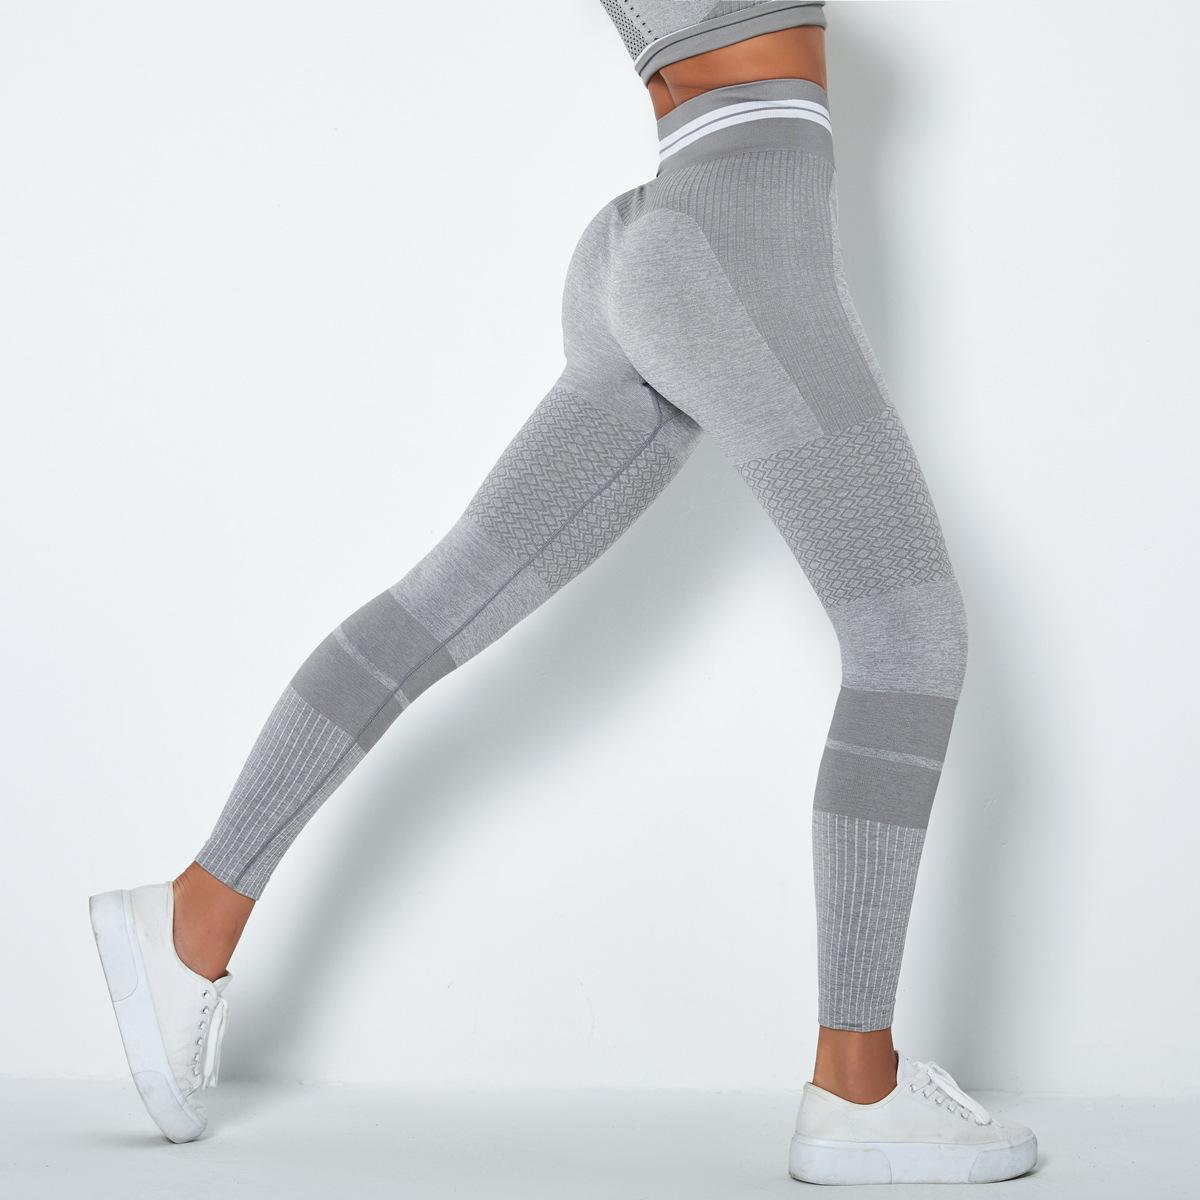 high-waist hip-lifting stretch tights yoga pants NSLX9006